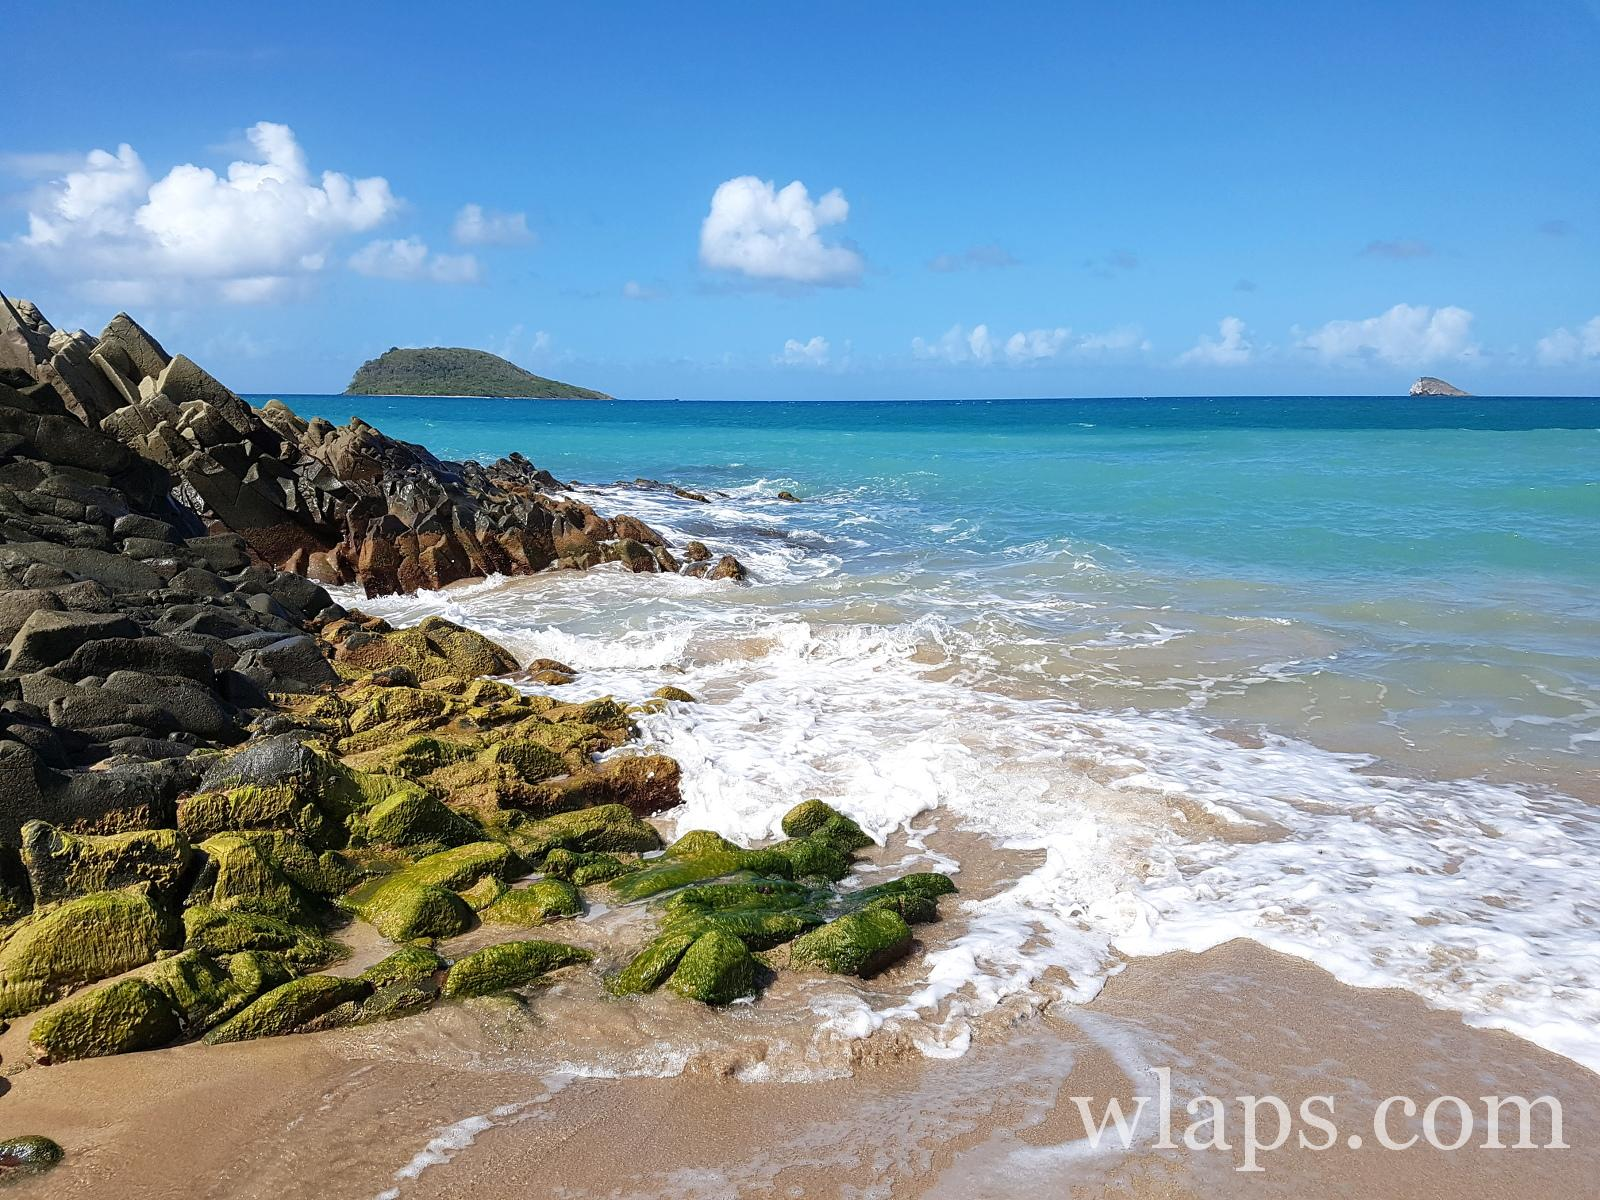 Plage naturiste de Anse Tillet en Guadeloupe